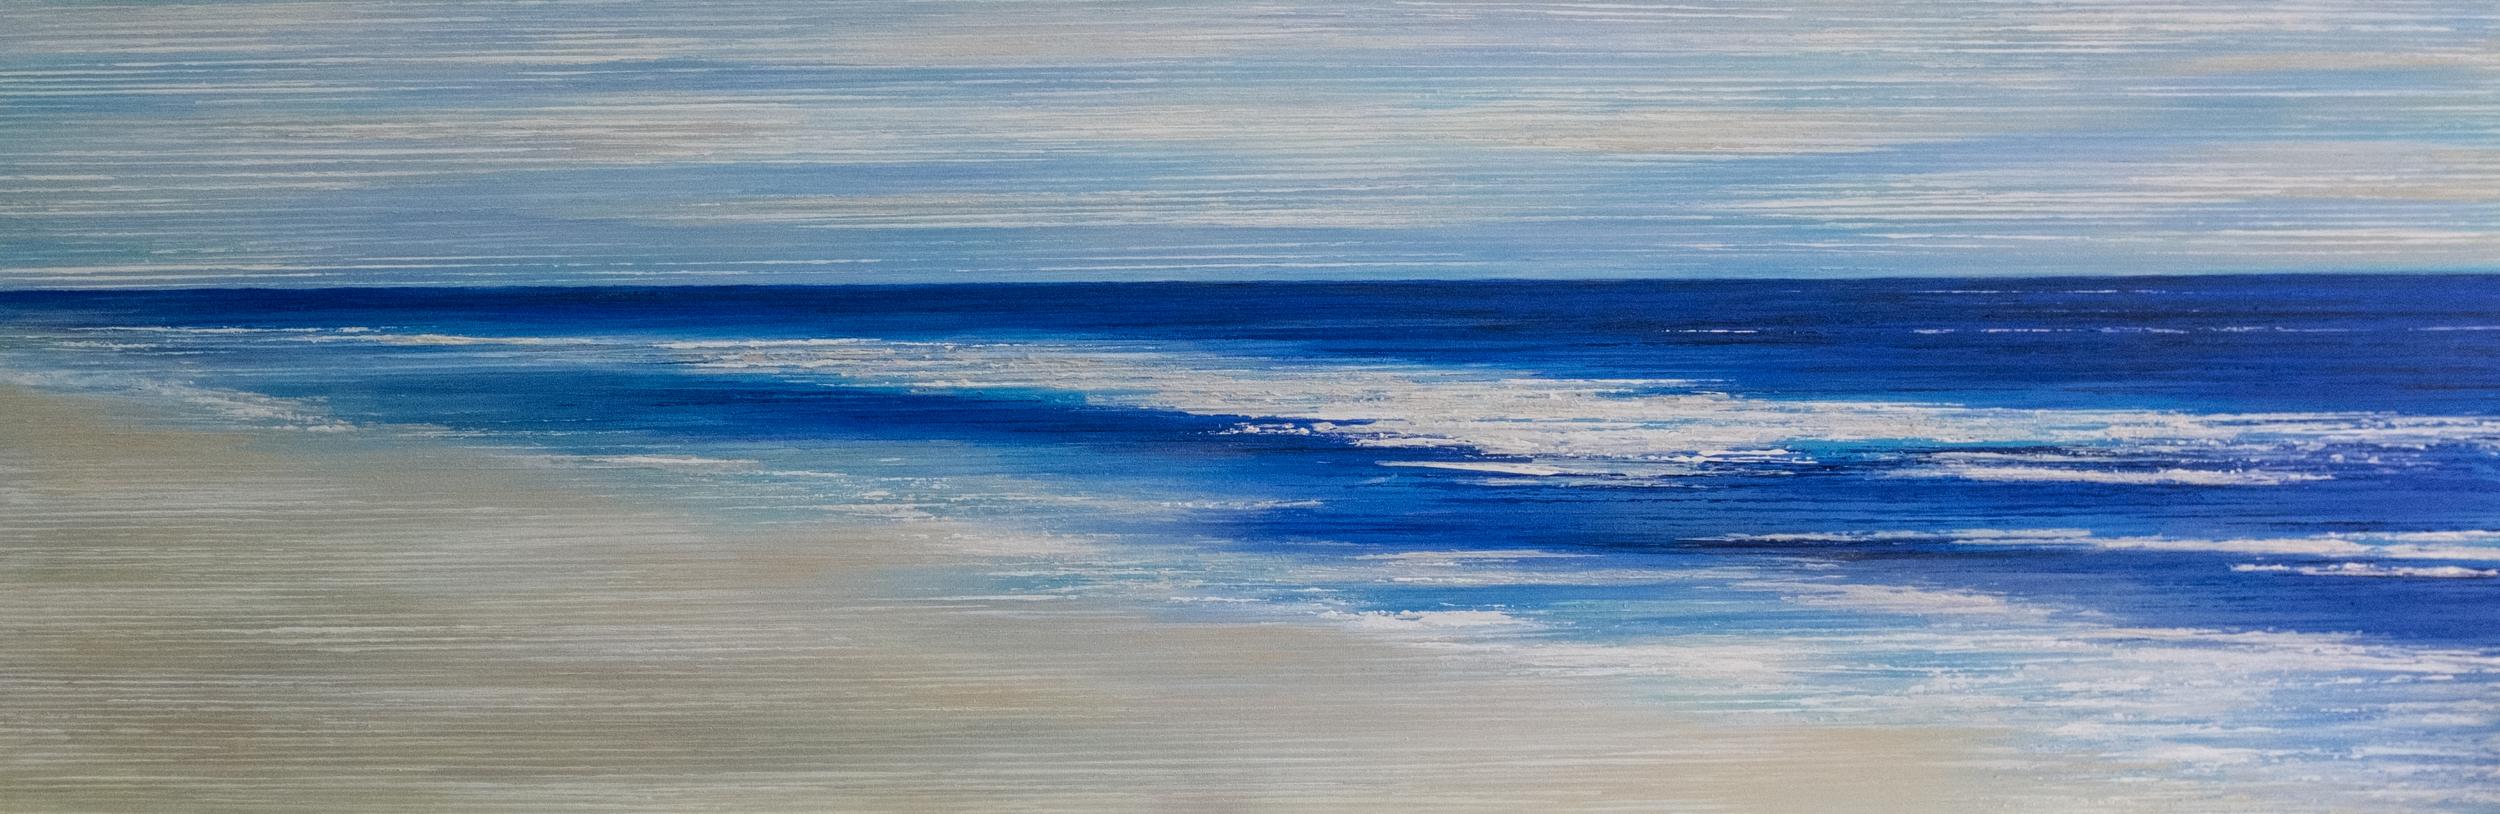 Seascape I - Ultramarine Blue and White - 2015